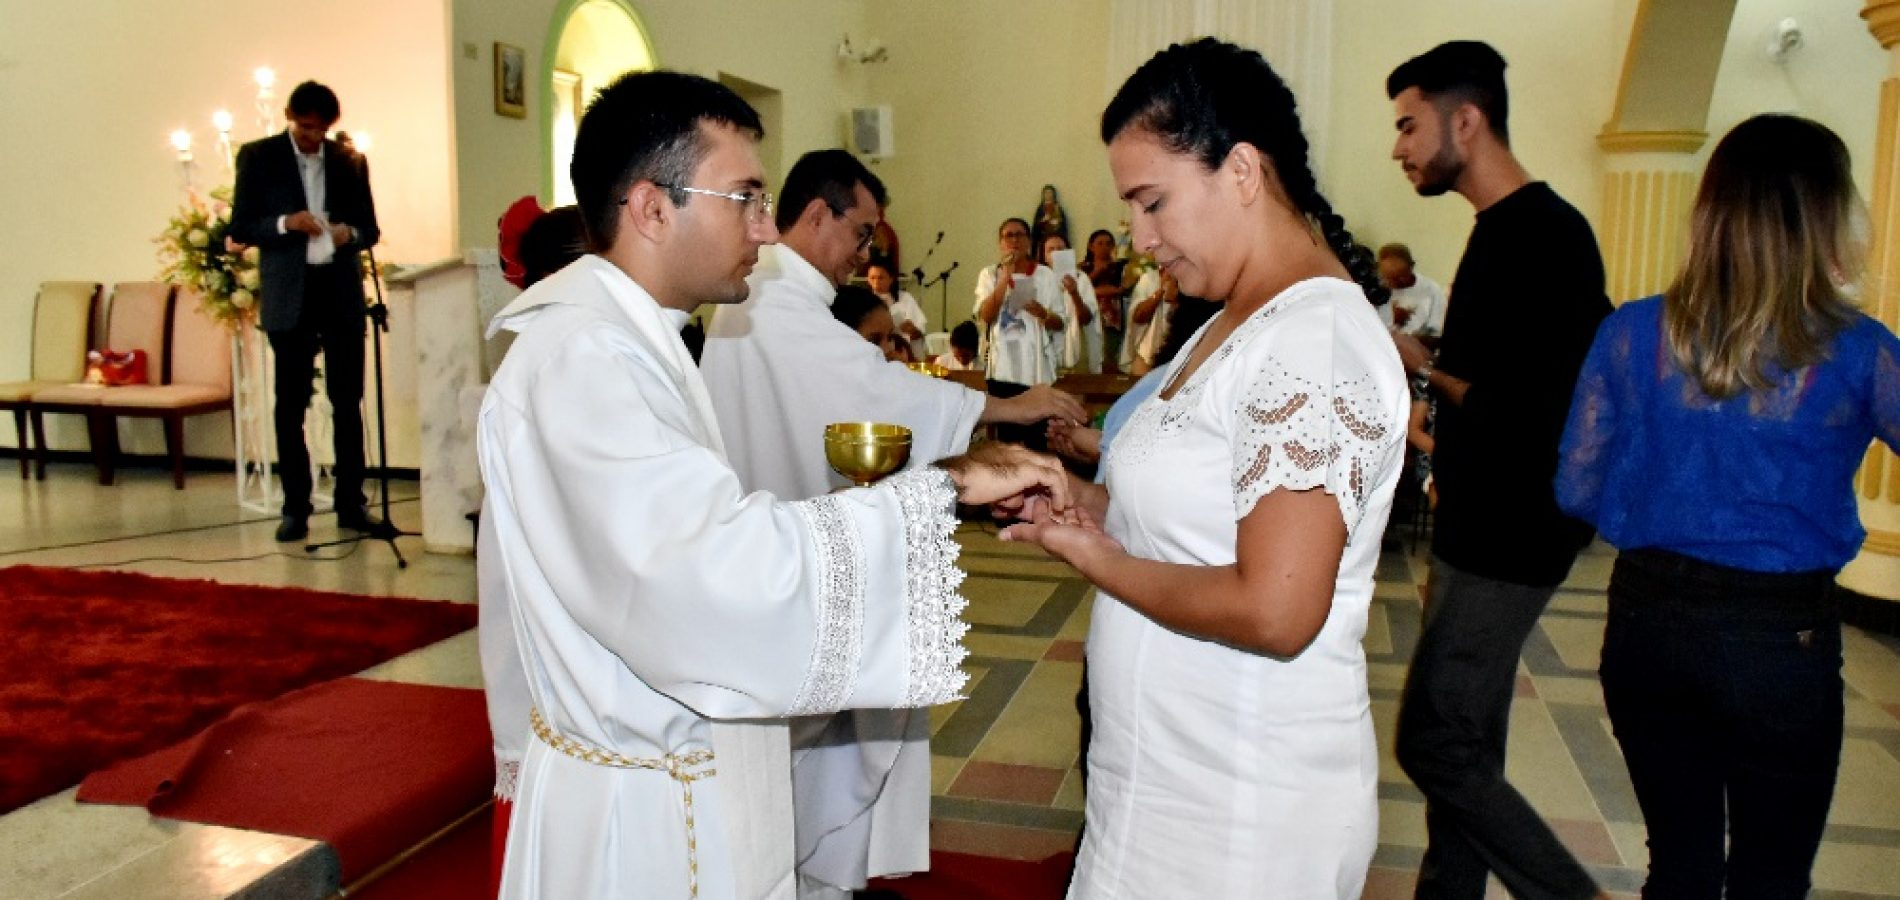 Padre Francisco Sales celebra seus 25 anos de vida sacerdotal com Missa em Fronteiras; veja fotos